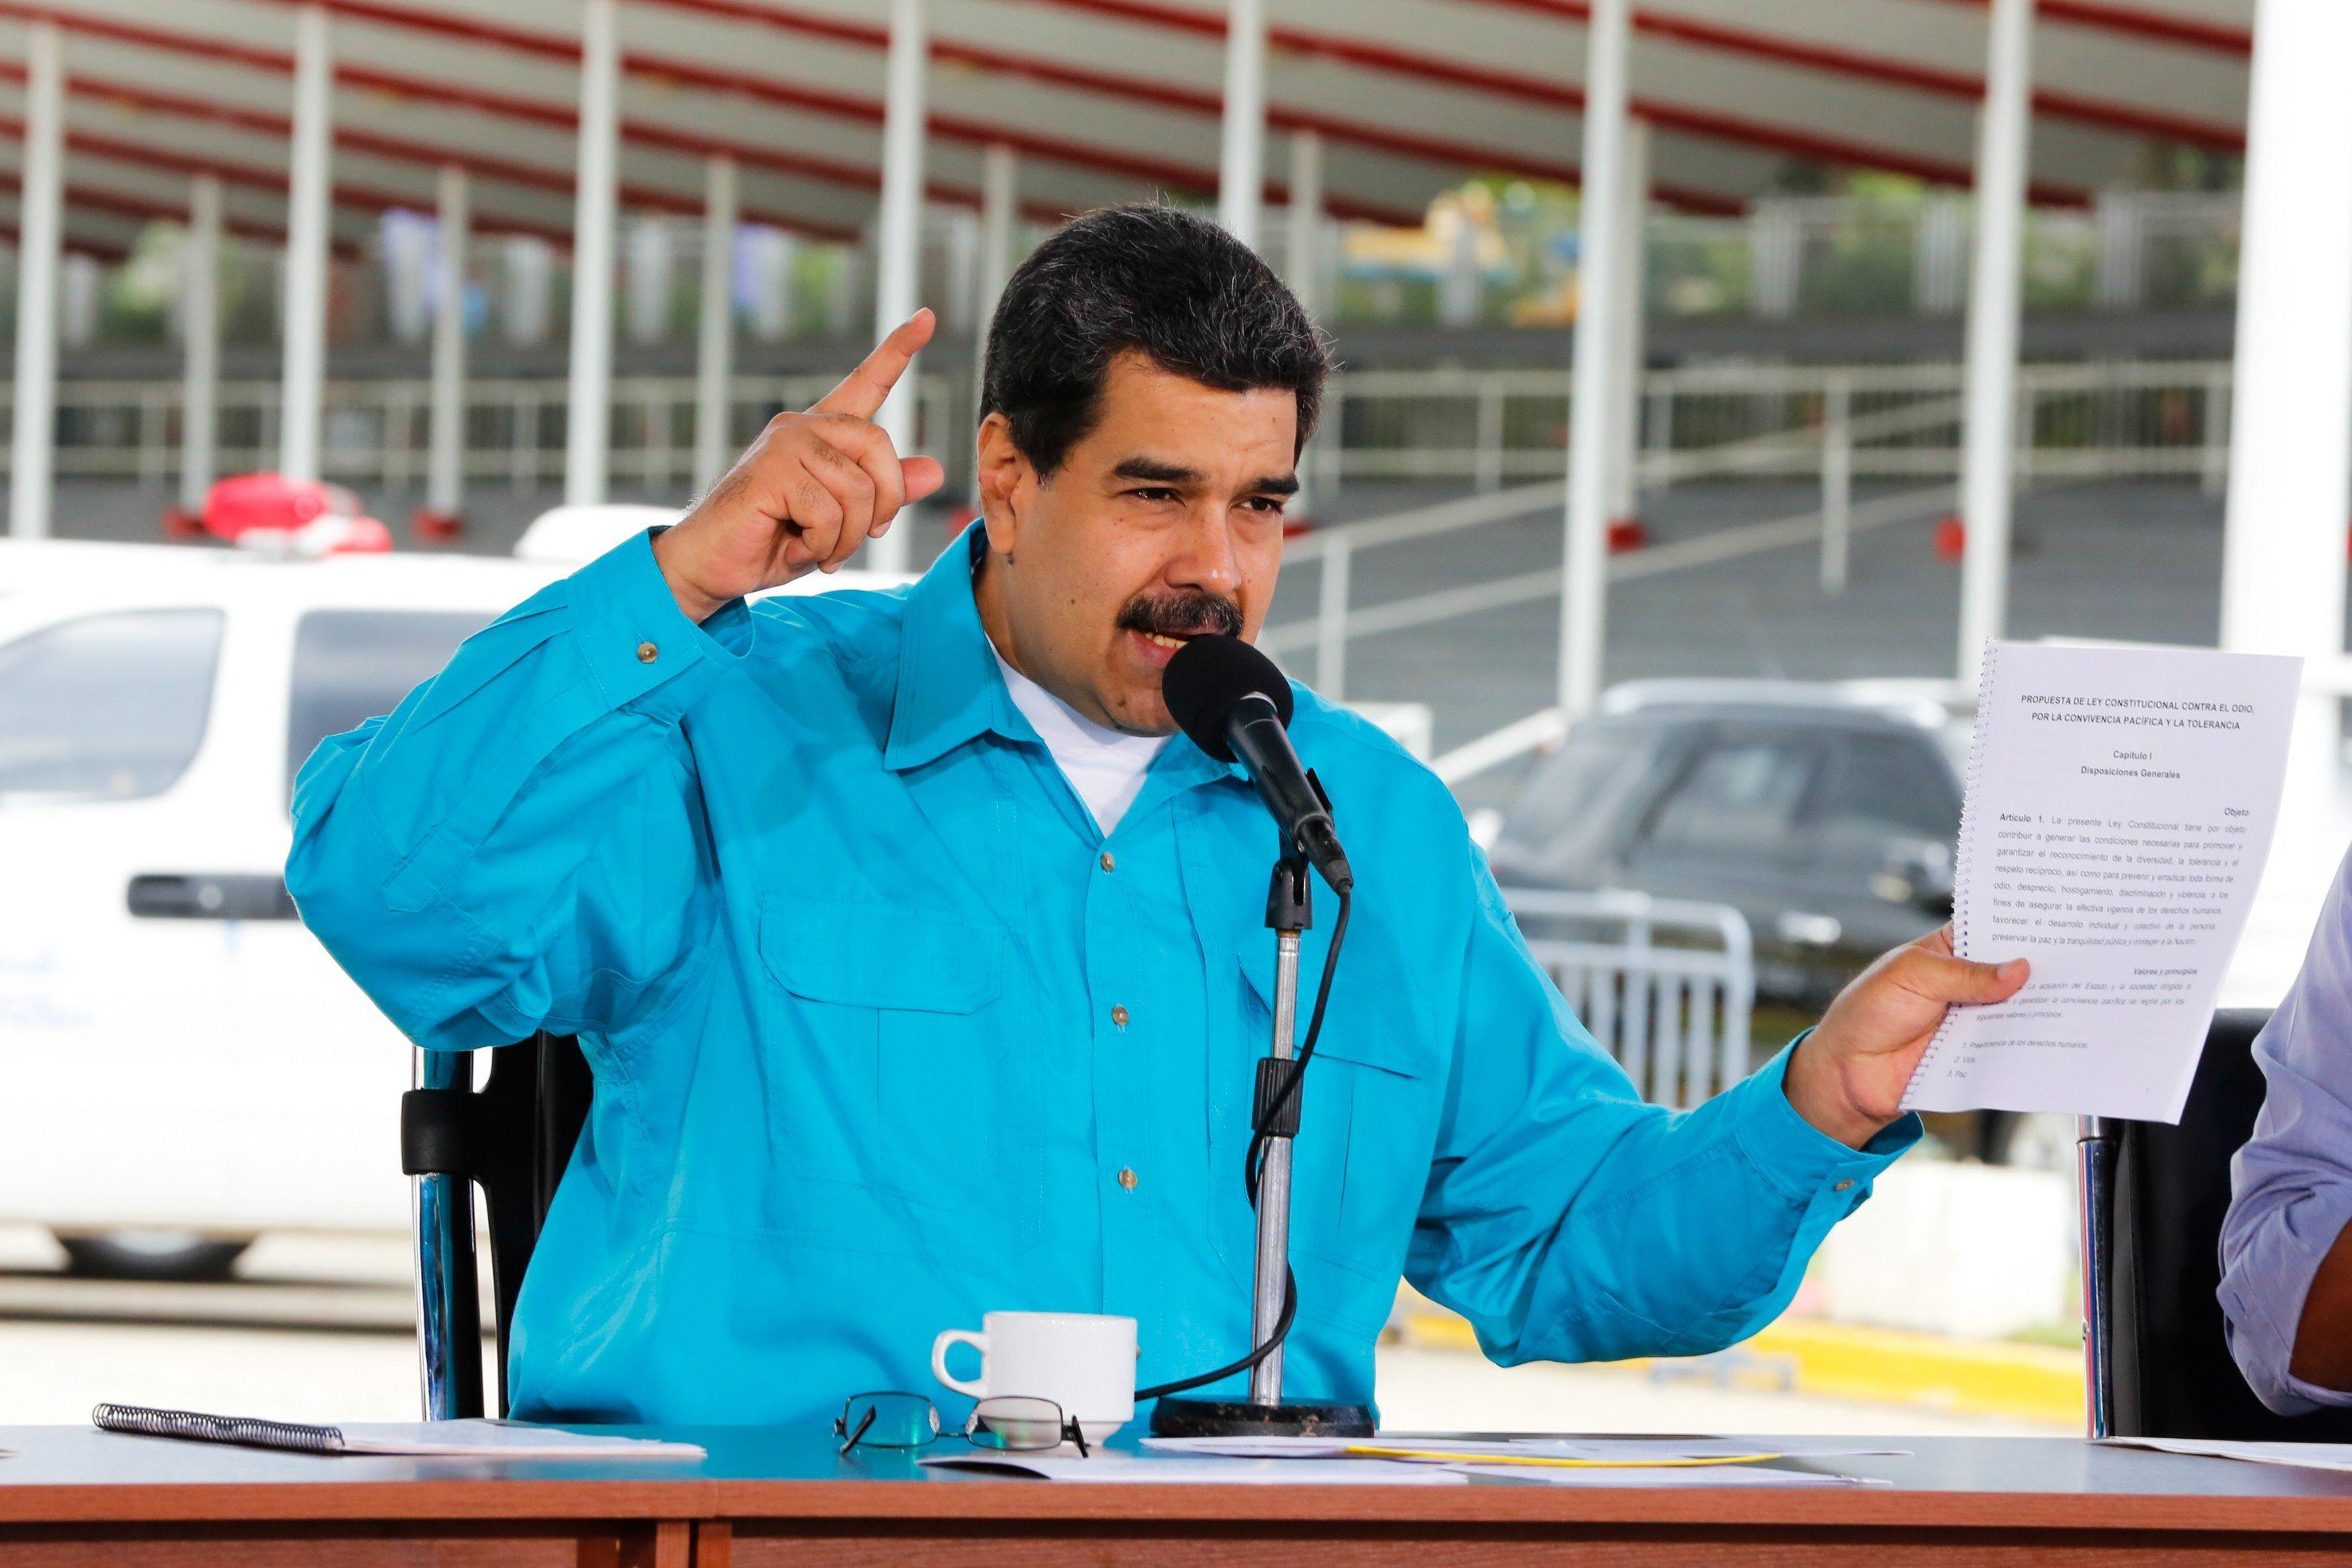 Nicolas Maduro egy kormányzati eseményen beszél Caracasban, Venezuelában 2017. november 2-án az adósság refinanszírozásáról és átstrukturálásáról. EPA/PRENSA MIRAFLORES HANDOUT HANDOUT EDITORIAL USE ONLY/NO SALES